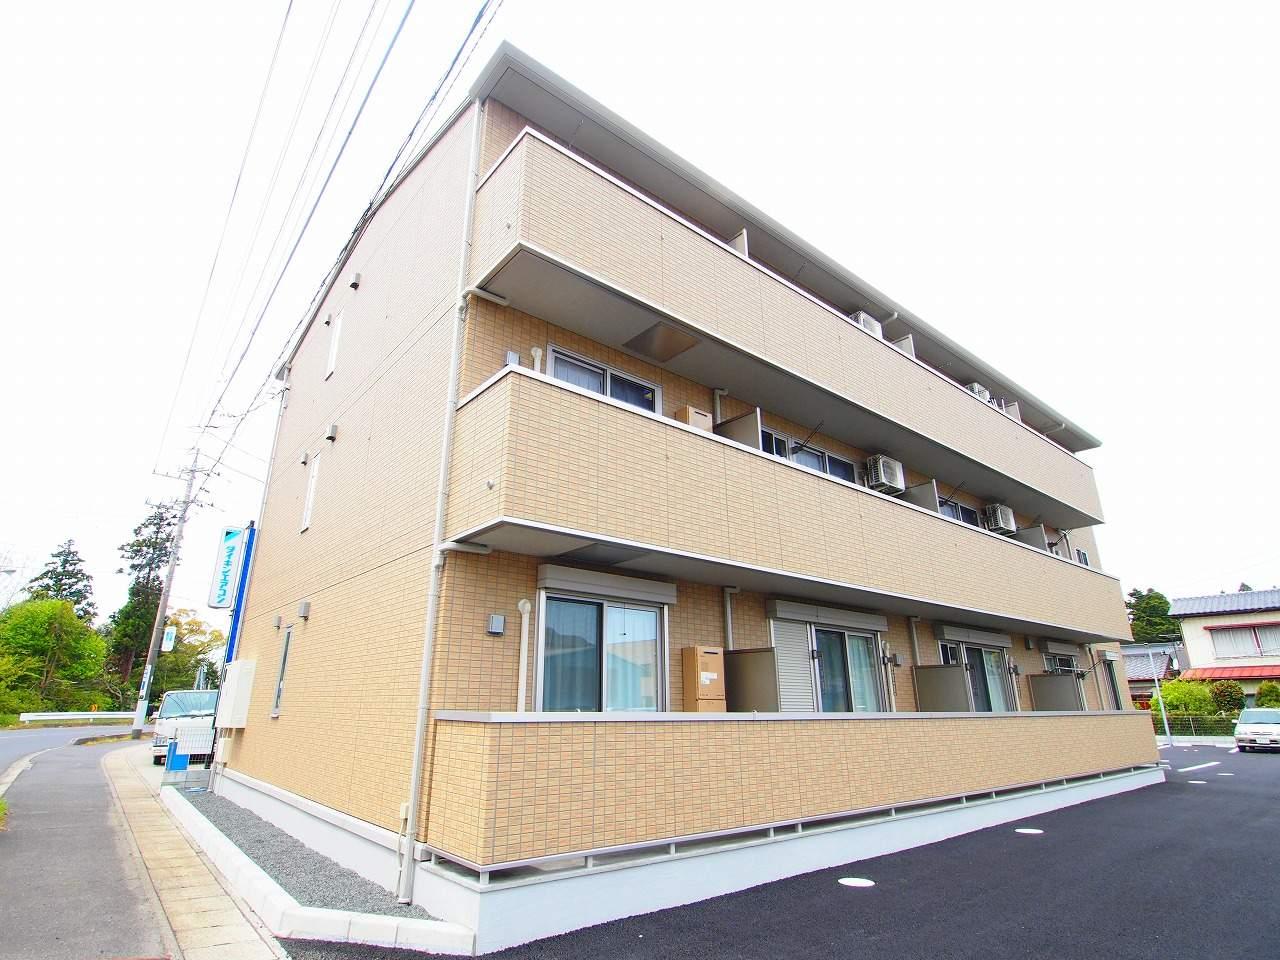 茨城県鹿嶋市、鹿島神宮駅徒歩30分の築3年 3階建の賃貸アパート